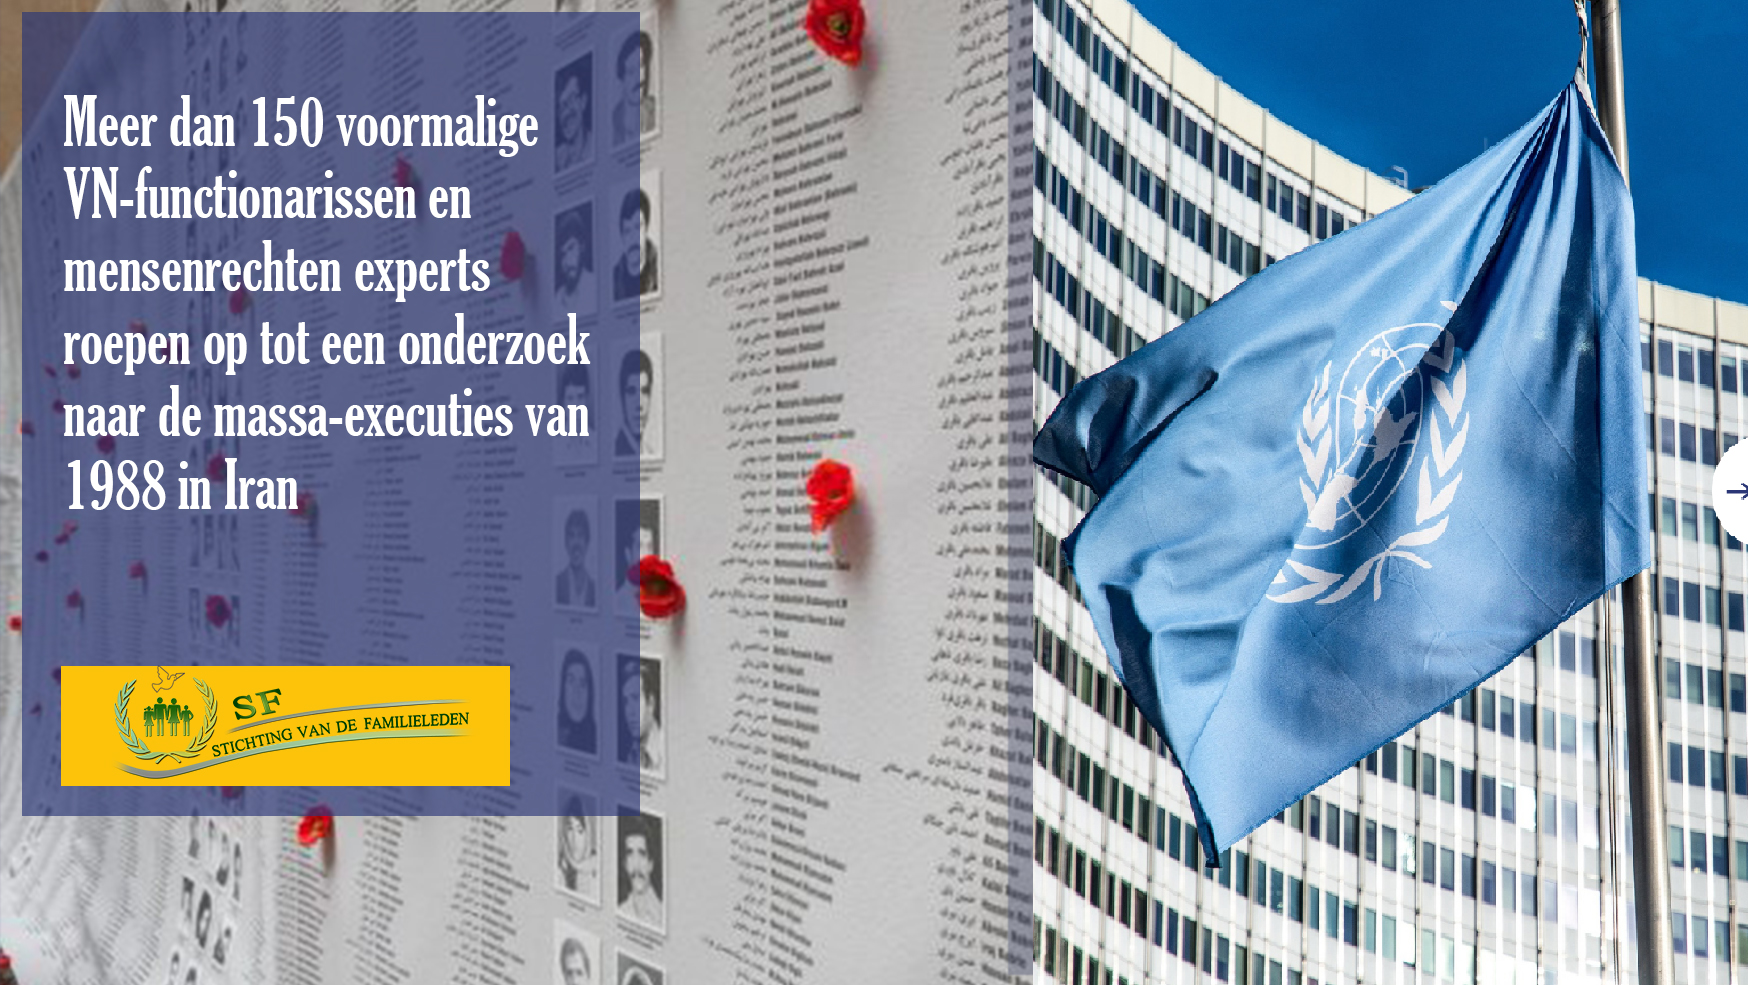 UN, 1988 massacre in Iran, stichting van de familieleden